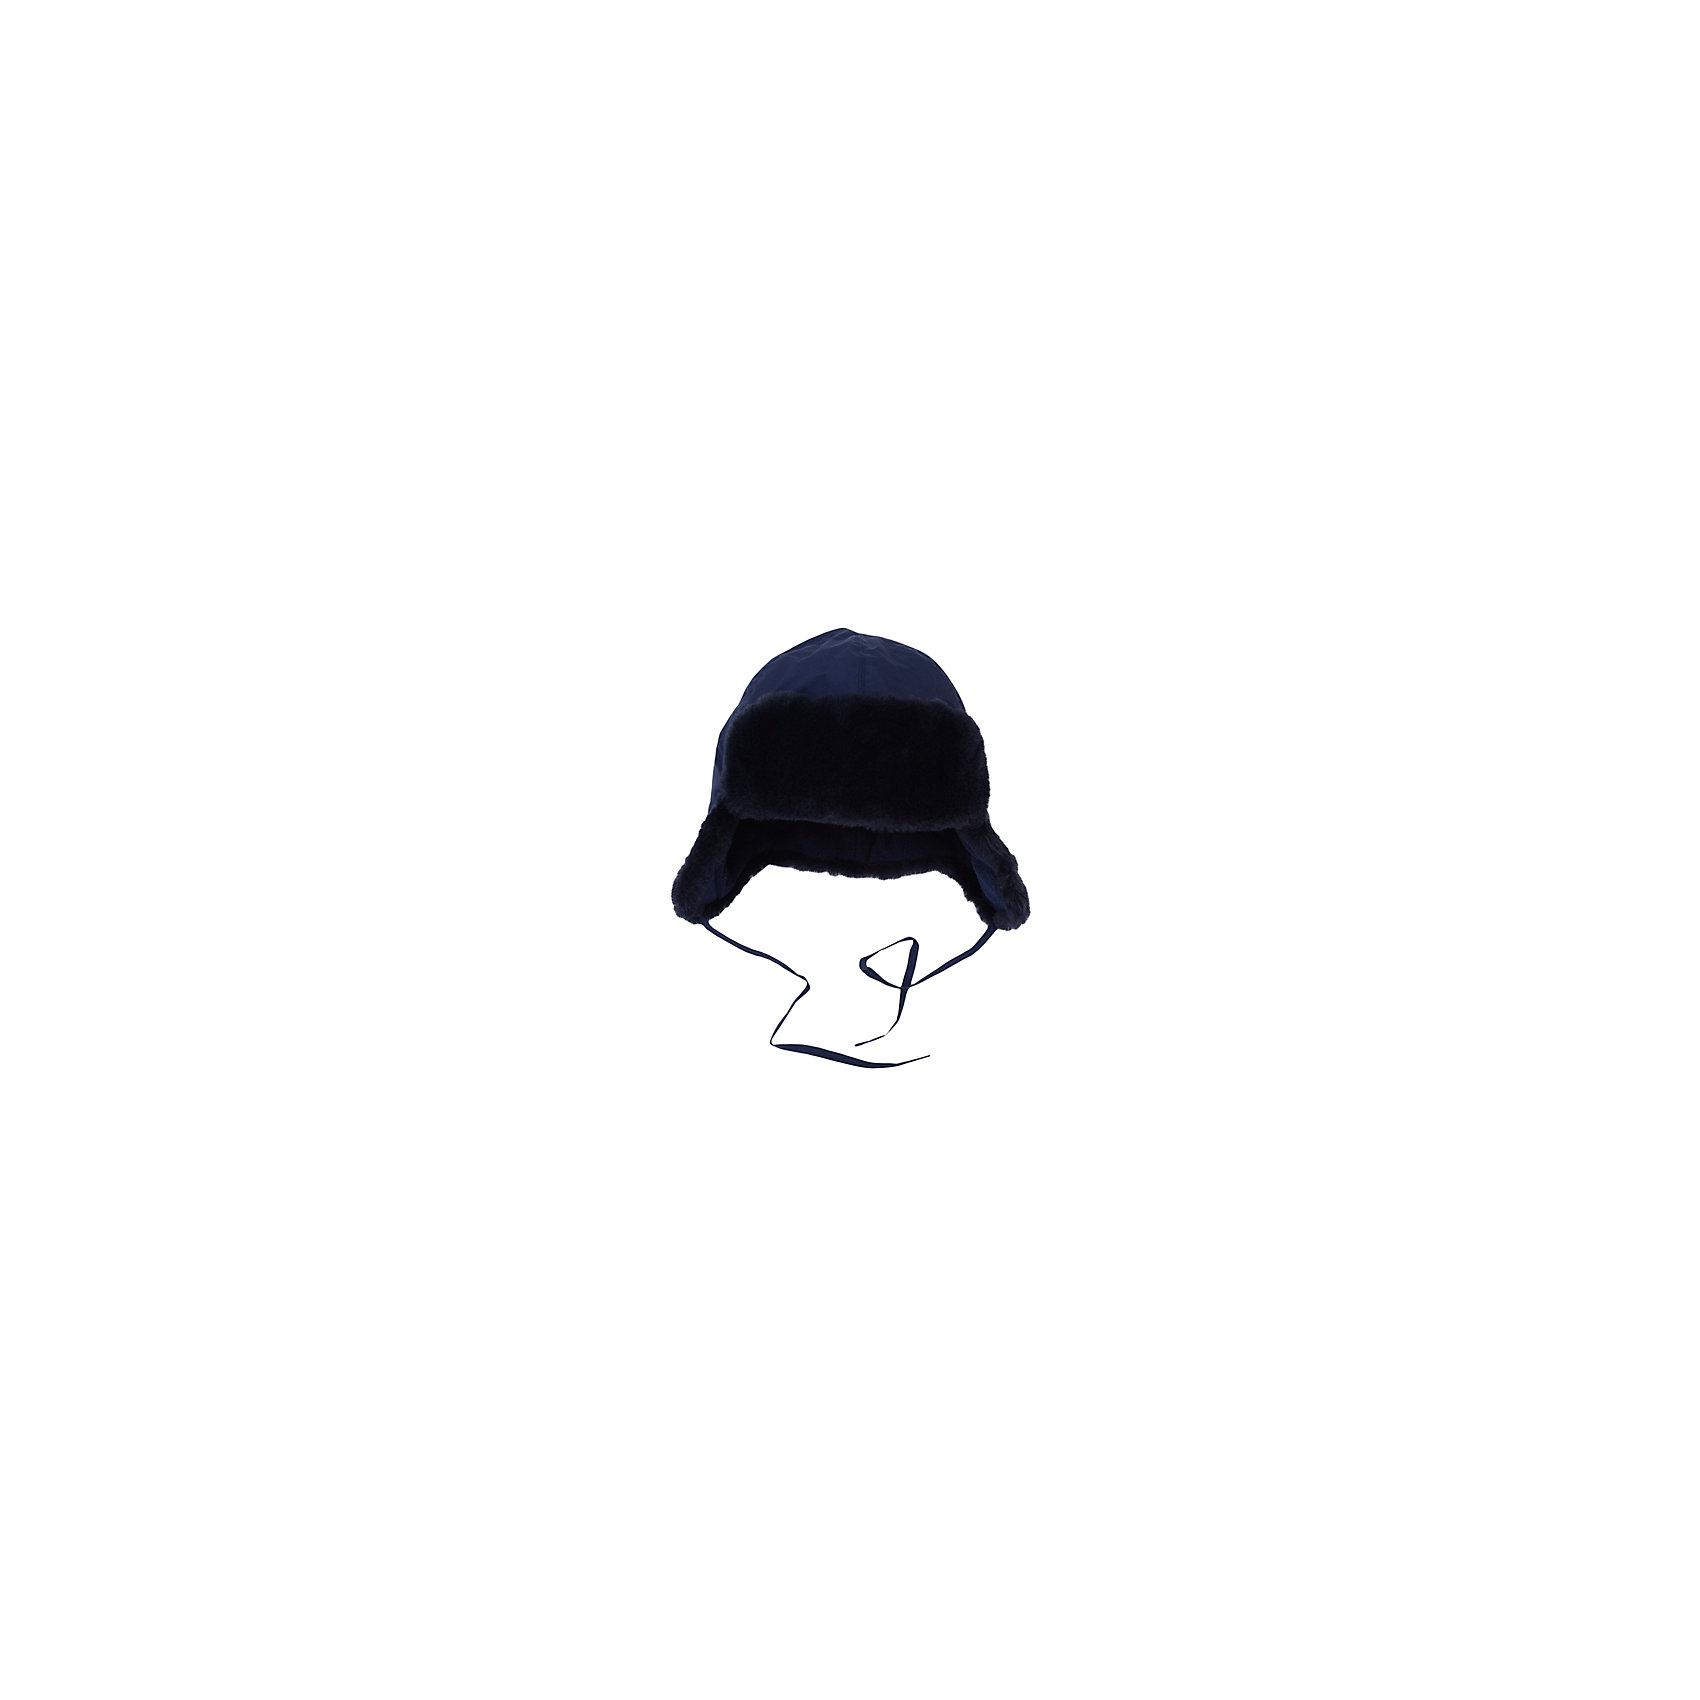 Шапка для мальчика PlayTodayШапка для мальчика от известного бренда PlayToday.<br>Теплая шапка из непромокаемой плащевки. Отделка из искусственного меха в тон. Внутри уютная флисовая подкладка. Удлиненные боковые части и удобные завязки.<br>Состав:<br>Верх: 100% полиэстер, Подкладка: 100% полиэстер, Утеплитель: 100% полиэстер<br><br>Ширина мм: 89<br>Глубина мм: 117<br>Высота мм: 44<br>Вес г: 155<br>Цвет: синий<br>Возраст от месяцев: 48<br>Возраст до месяцев: 60<br>Пол: Мужской<br>Возраст: Детский<br>Размер: 52,50,54<br>SKU: 4897920